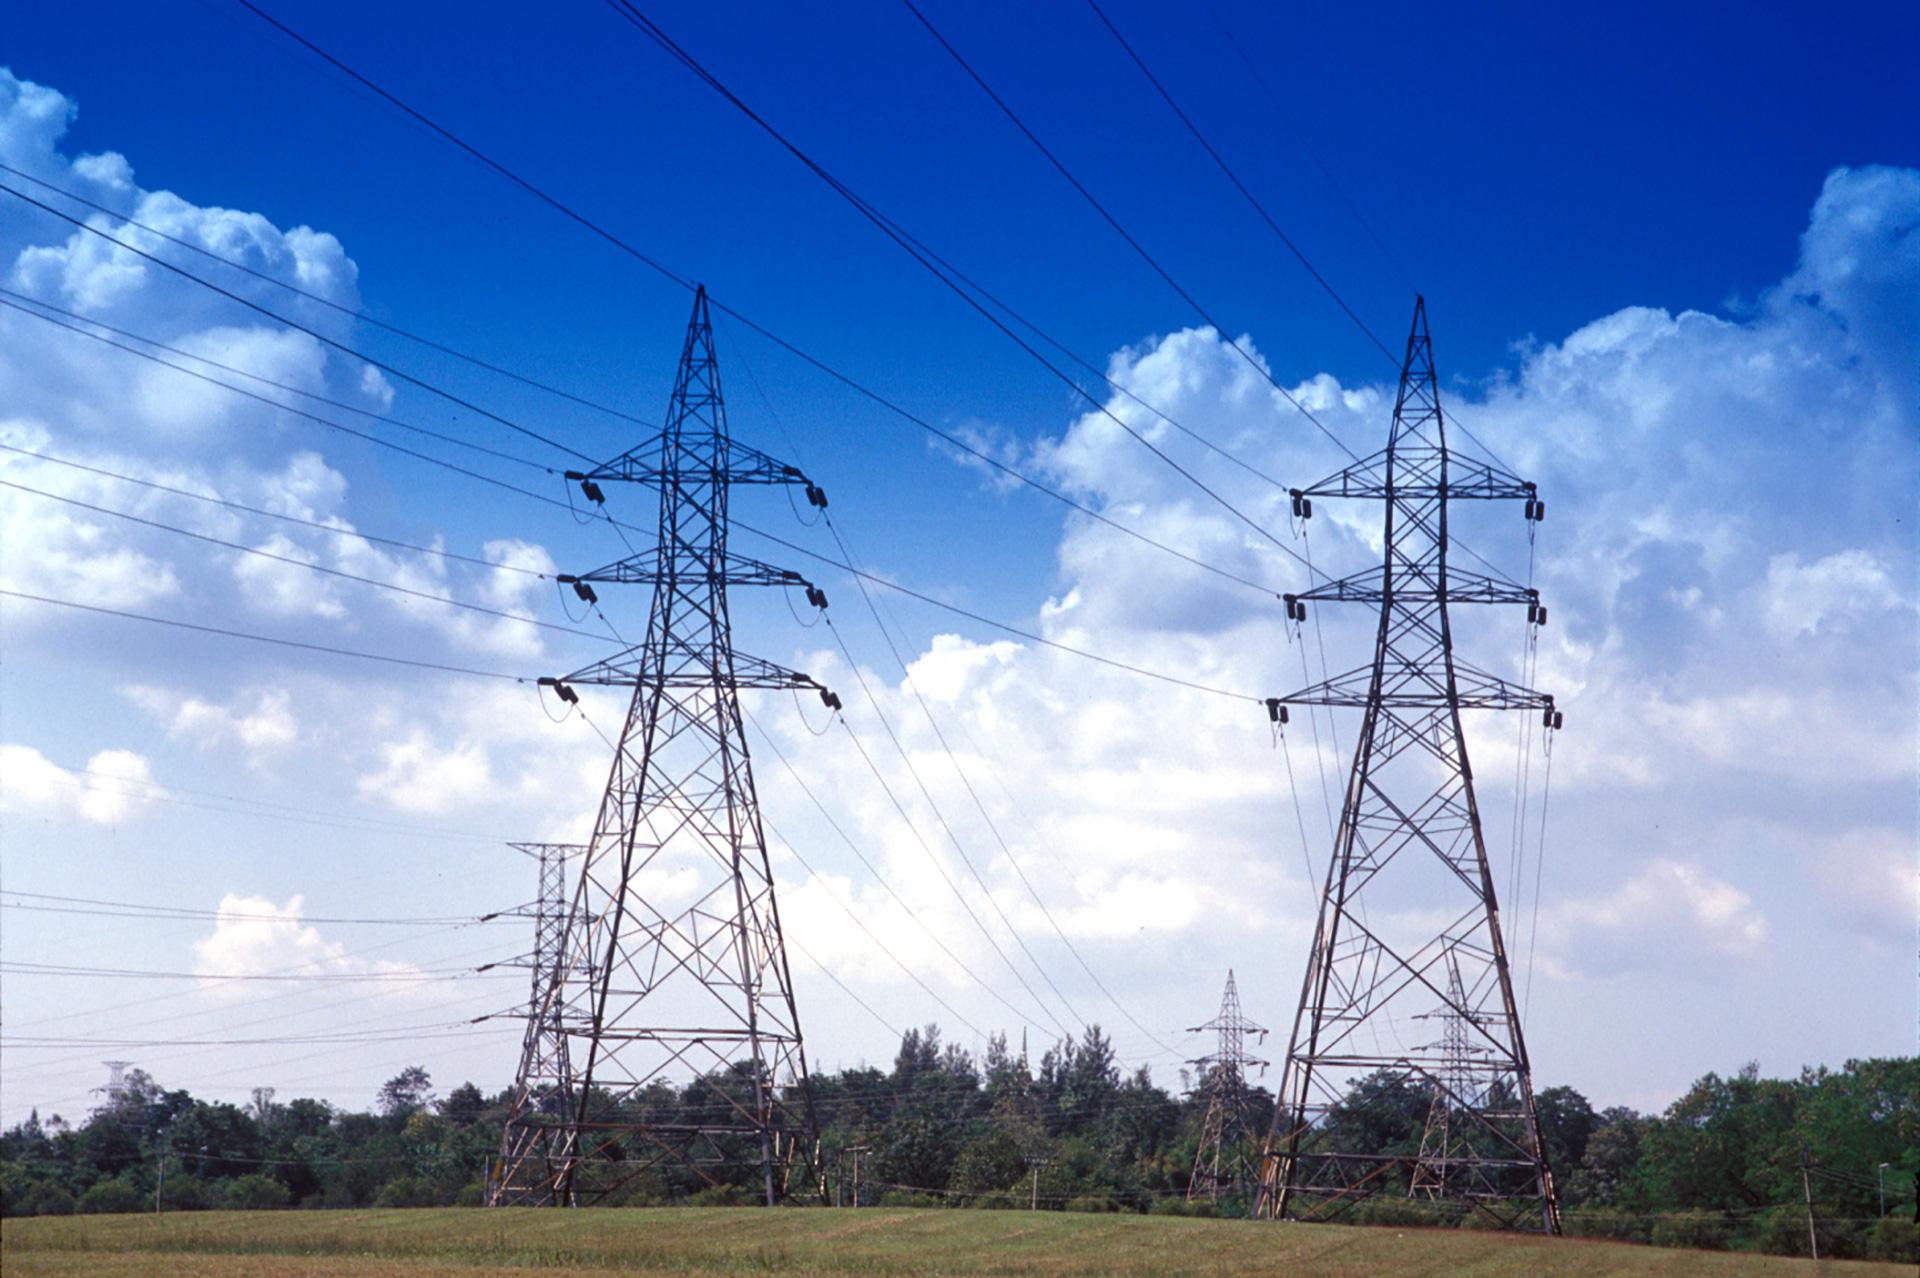 ข้อมูลระบบส่งไฟฟ้า